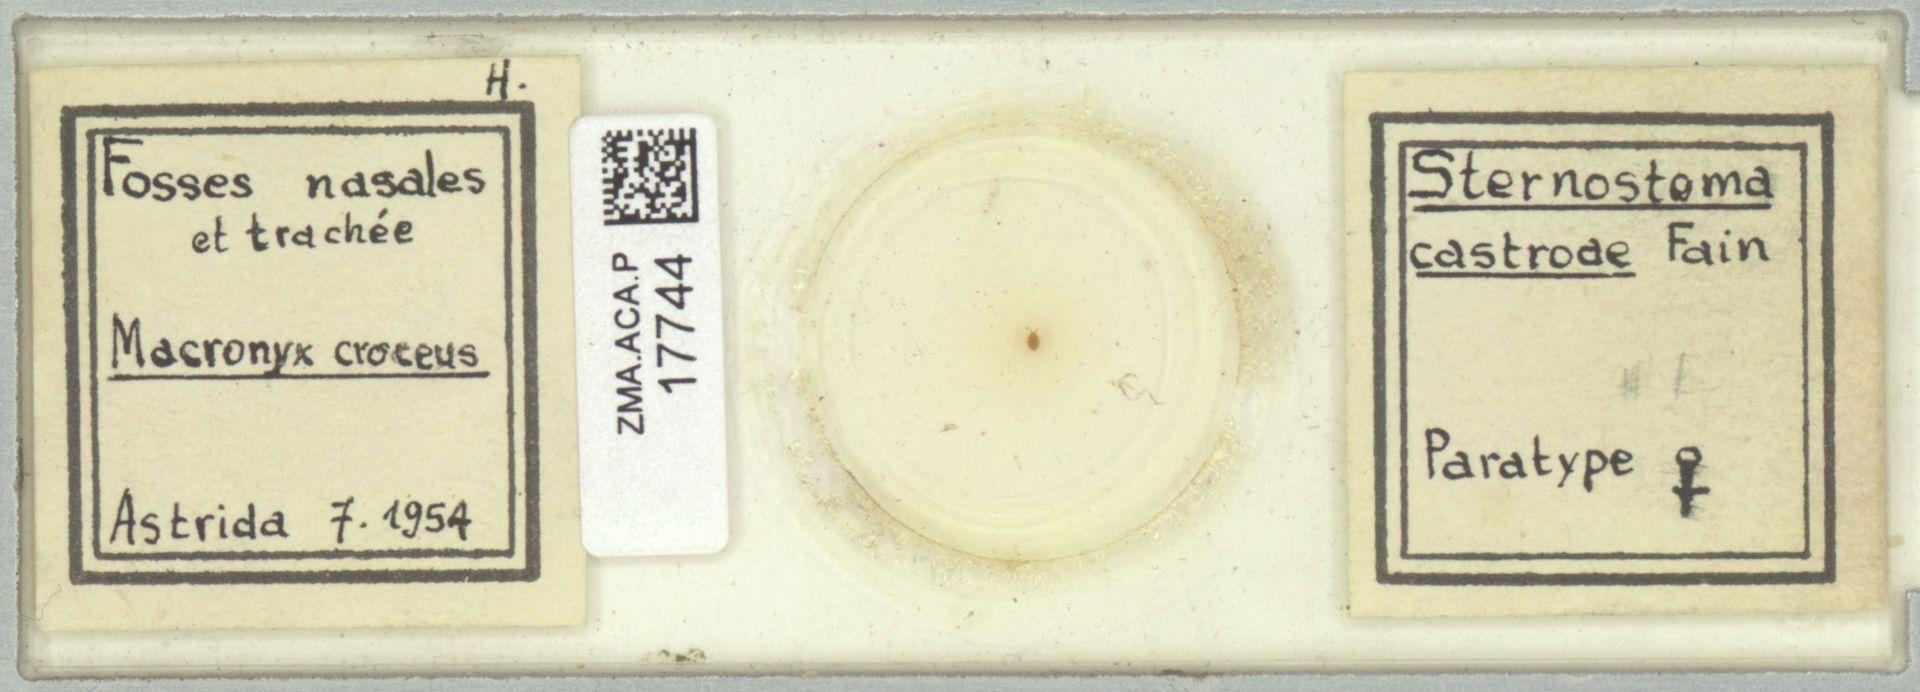 ZMA.ACA.P.17744   Sternostoma castrode